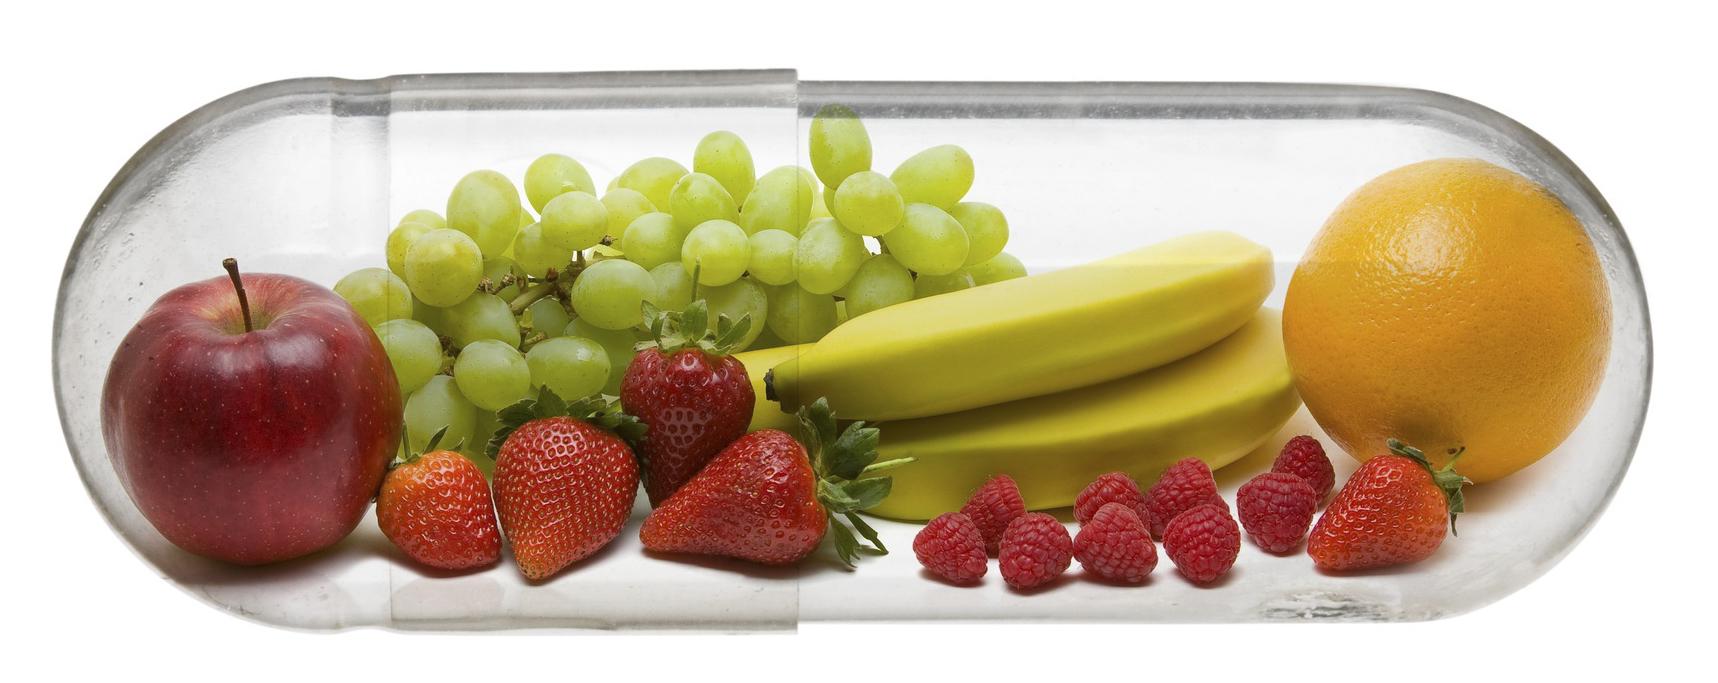 پایان تیتر: بهترین زمان مناسب مصرف ویتامین ها و مکمل ها غذایی را بدانیم